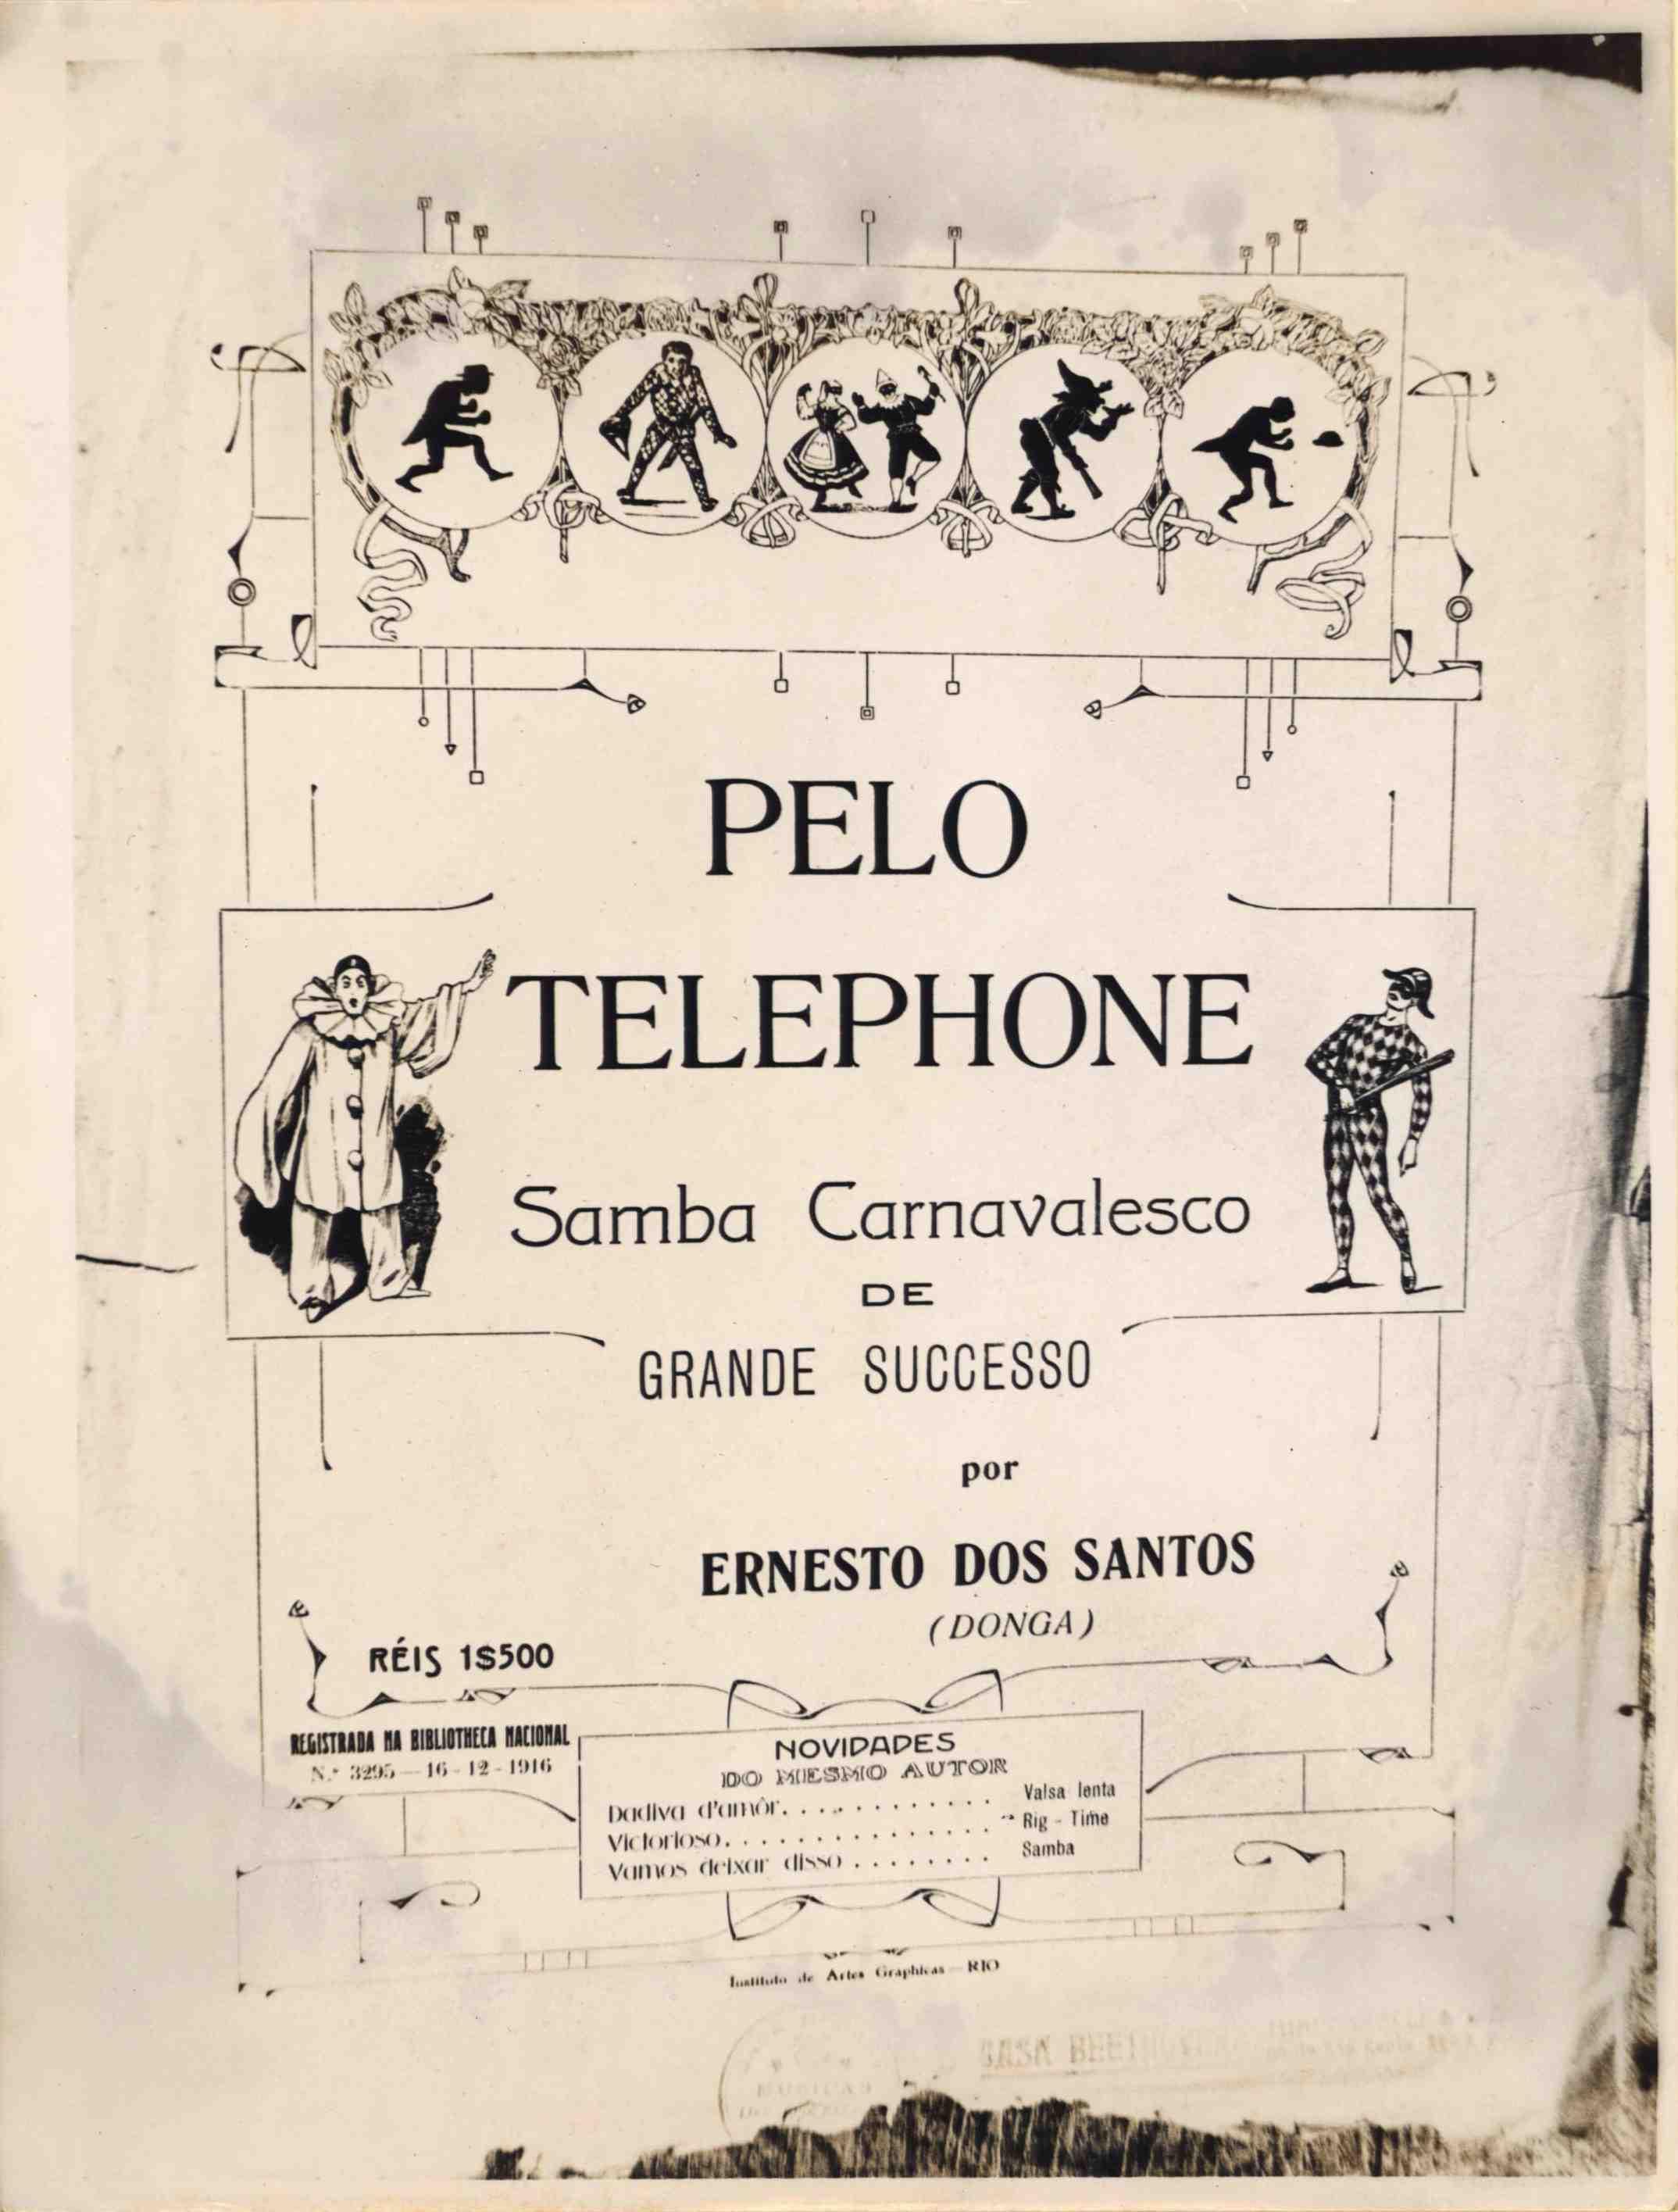 """Capa da partitura do samba carnavalesco """"Pelo telefone"""", de Donga e Mauro de Almeida (a partitura não traz o nome deste último) (IMS_JRT_donga04 / Acervo Tinhorão / IMS)"""